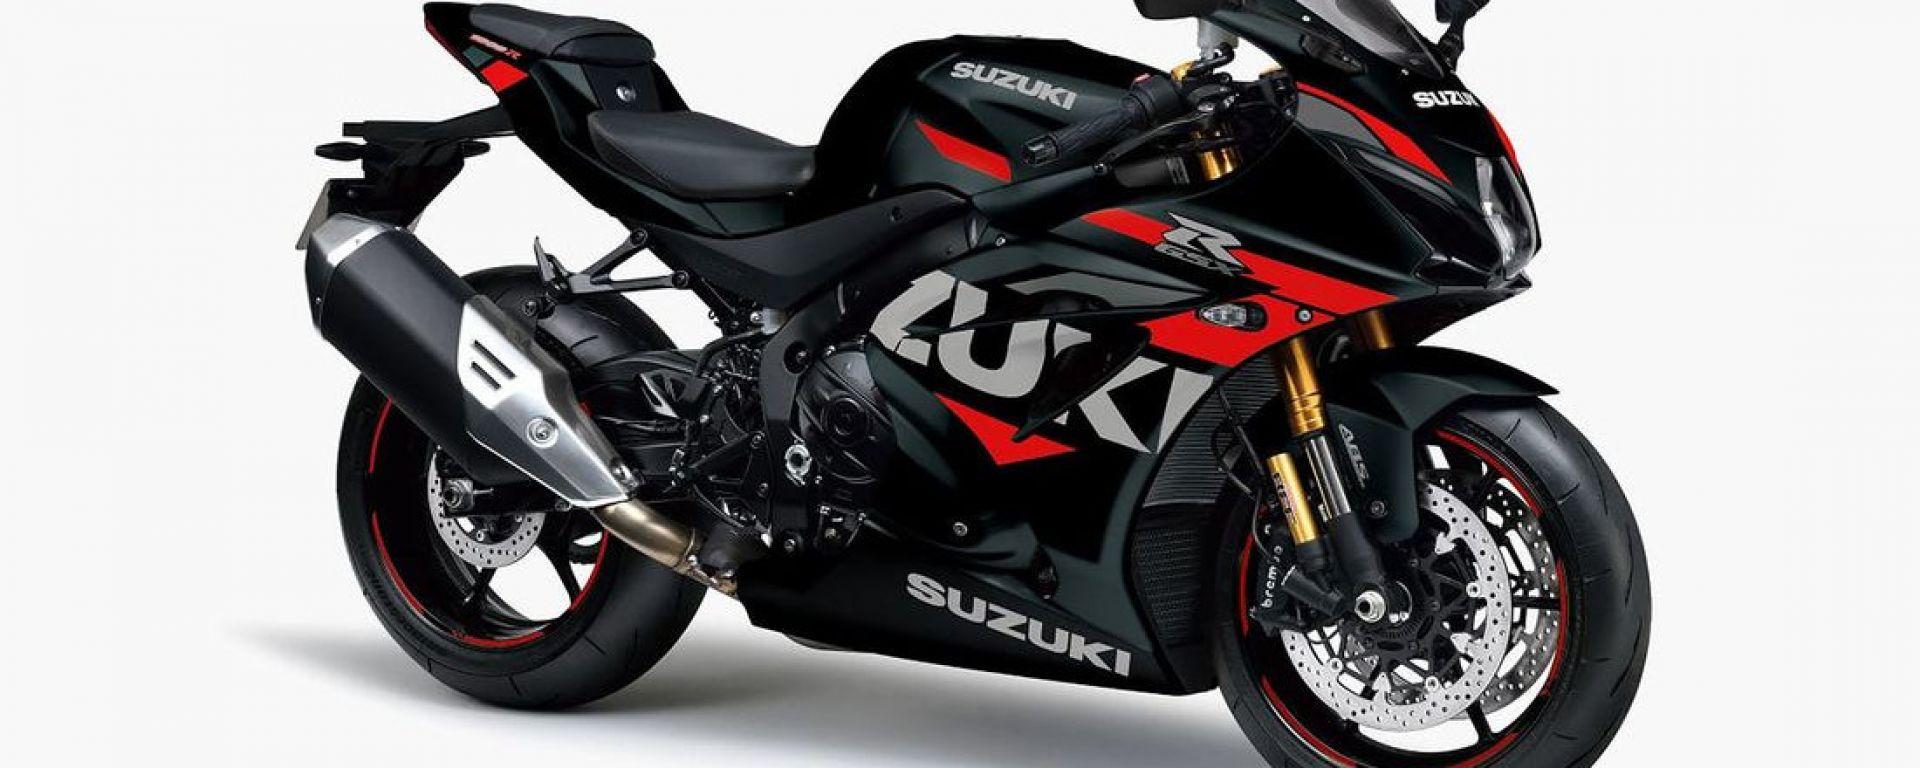 Suzuki GSX-R 1000: la livrea standard destinata - almeno per ora - al Giappone